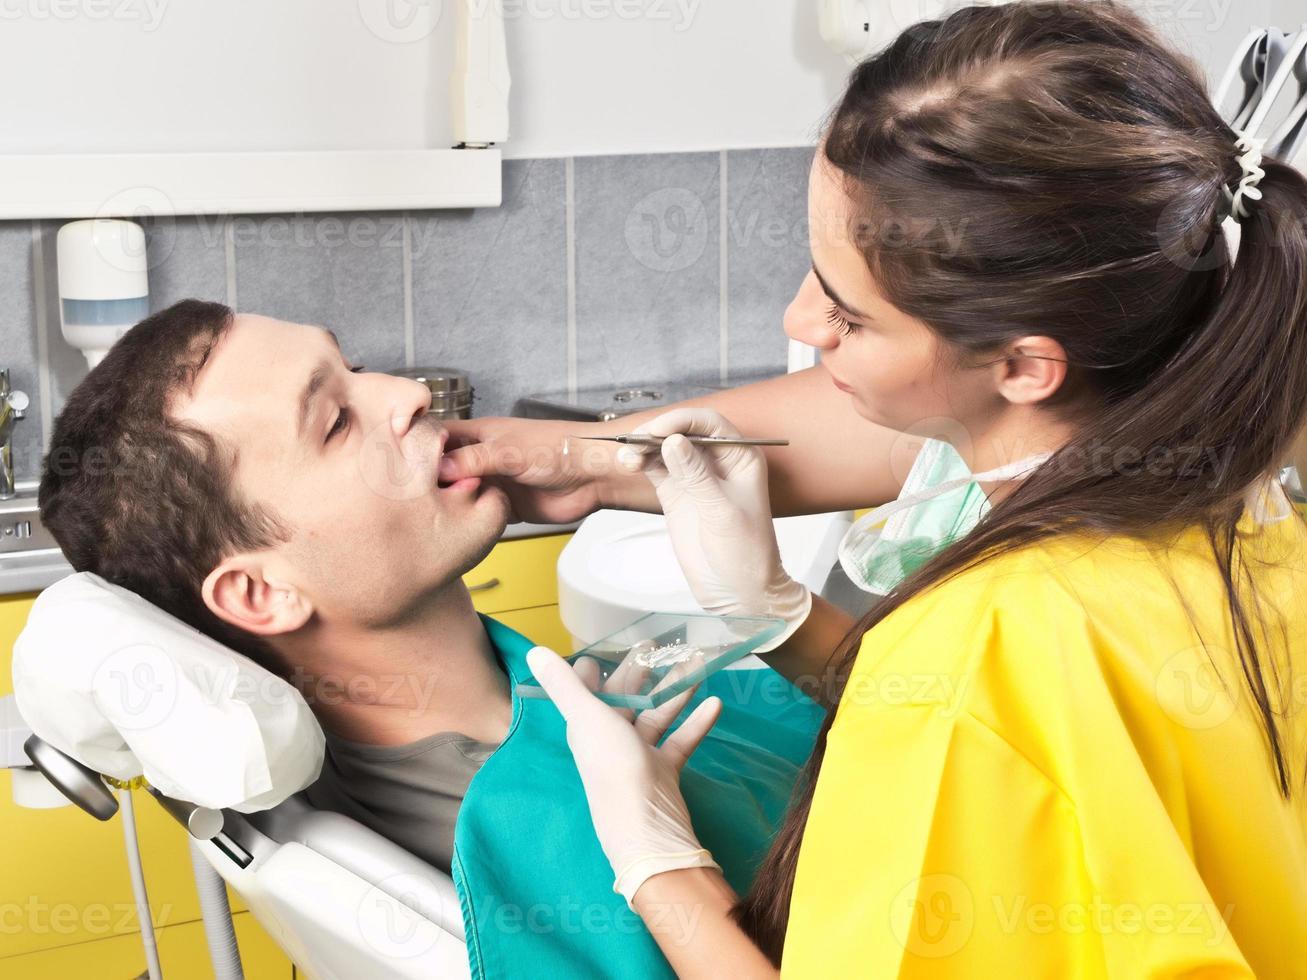 tandarts controleert de tanden van de patiënt foto